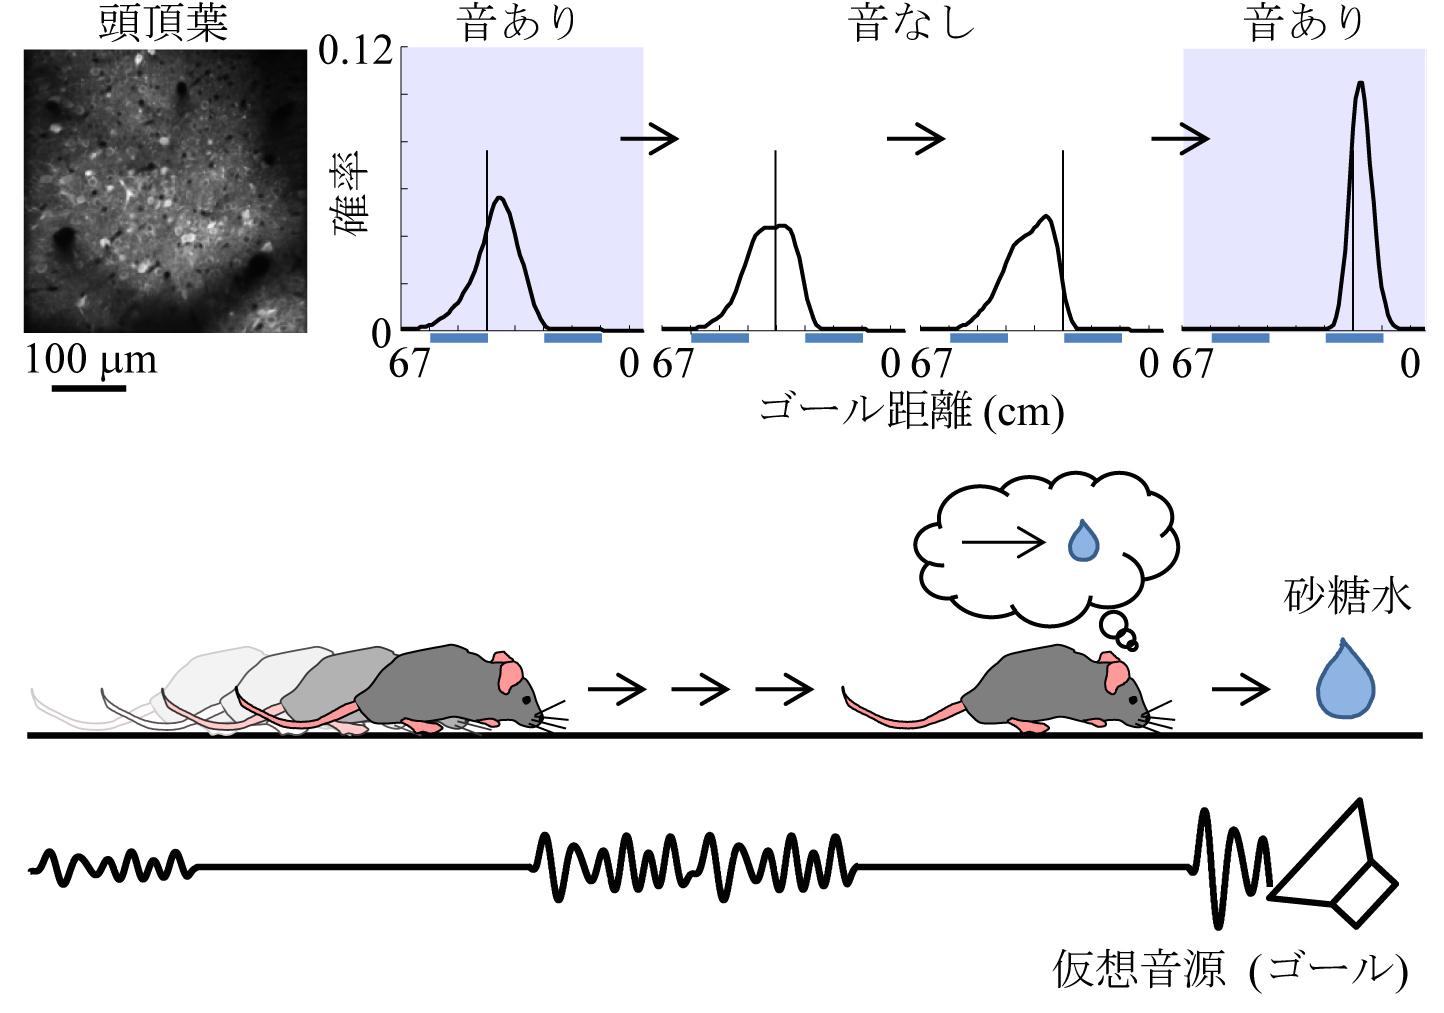 動的ベイズ推定に基づく頭頂葉の距離予測